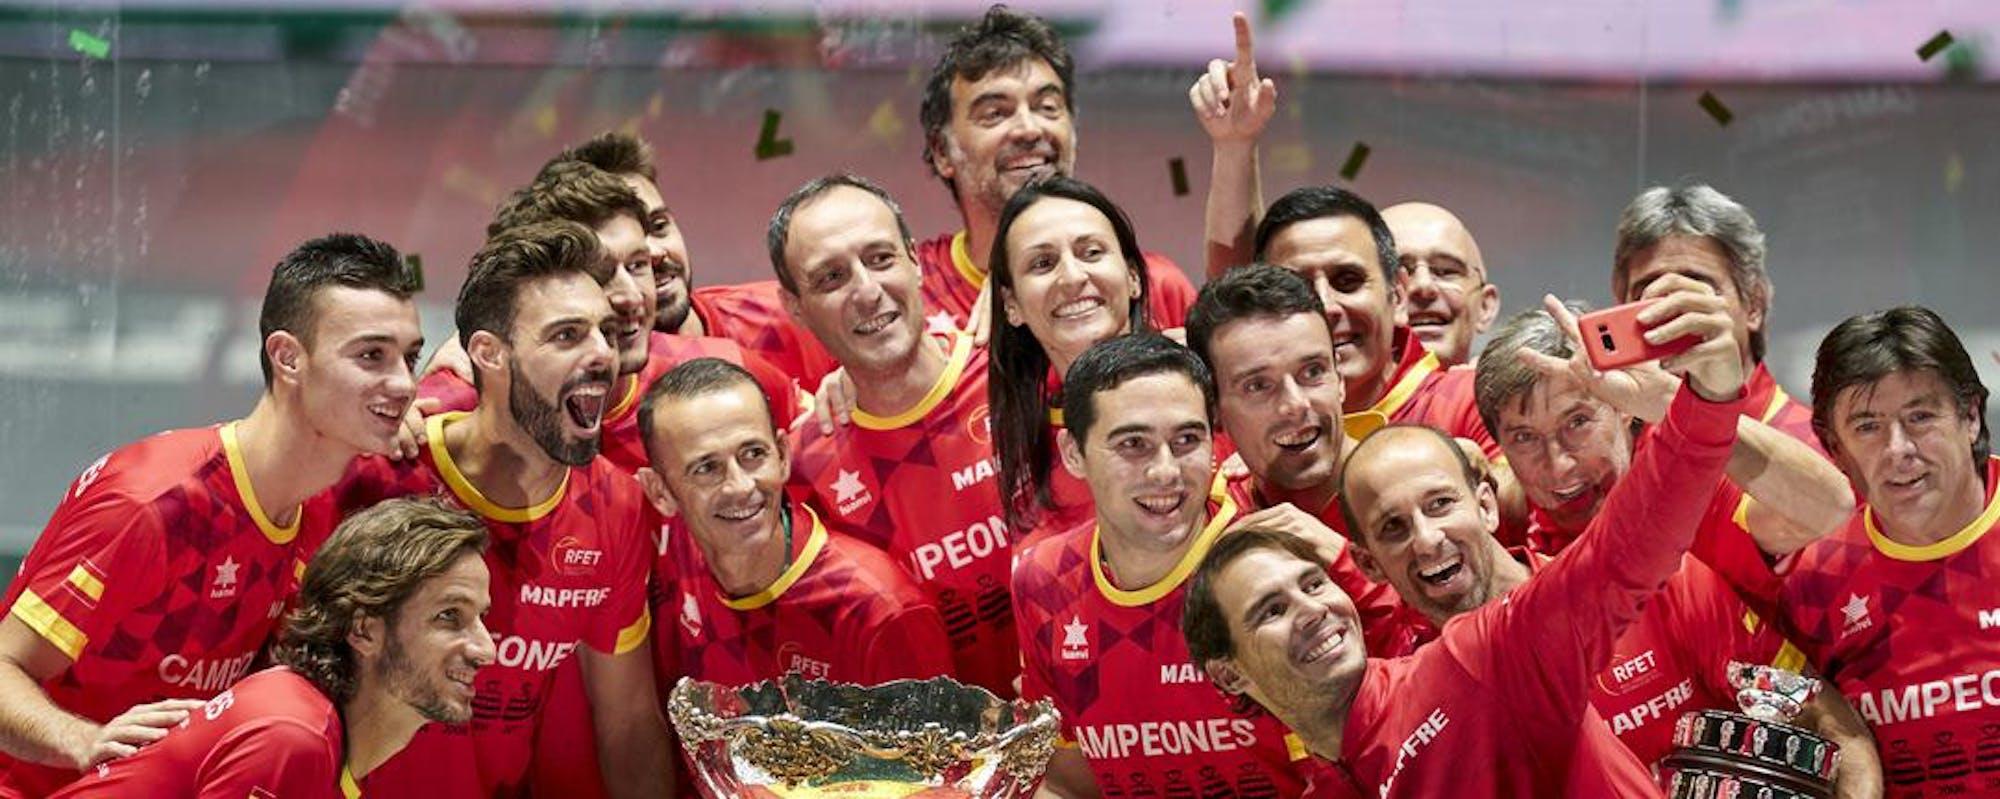 www.daviscupfinals.com